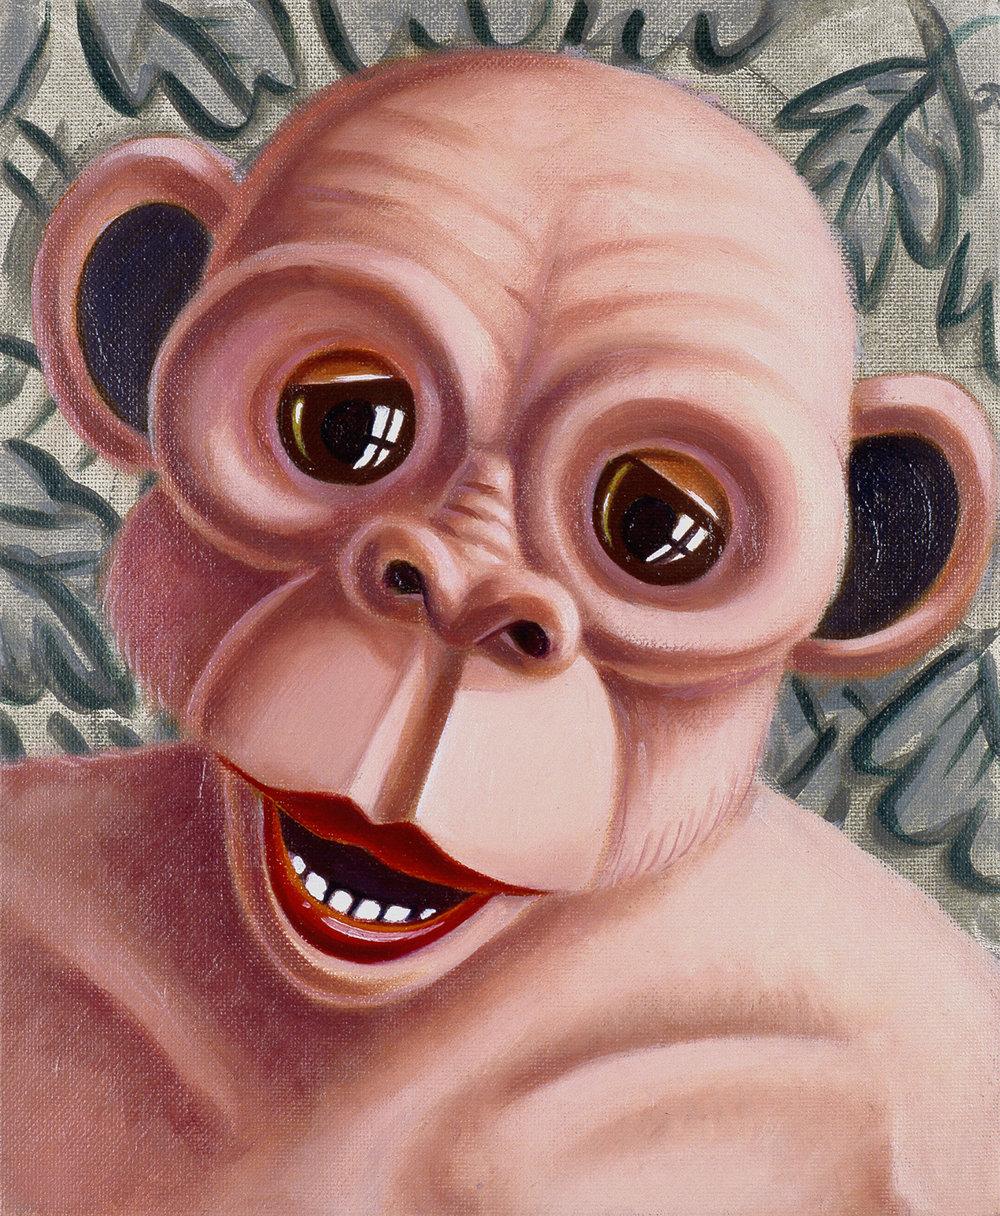 Philippe Mayaux ,  Le Chaînon manquant (singe rose) 1994  , Acrylique sur carton entoilé, 27x 22 cm, collection particulière Paris, Courtesy Loevenbruck, Paris. Tous droits réservés / All rights reserved.